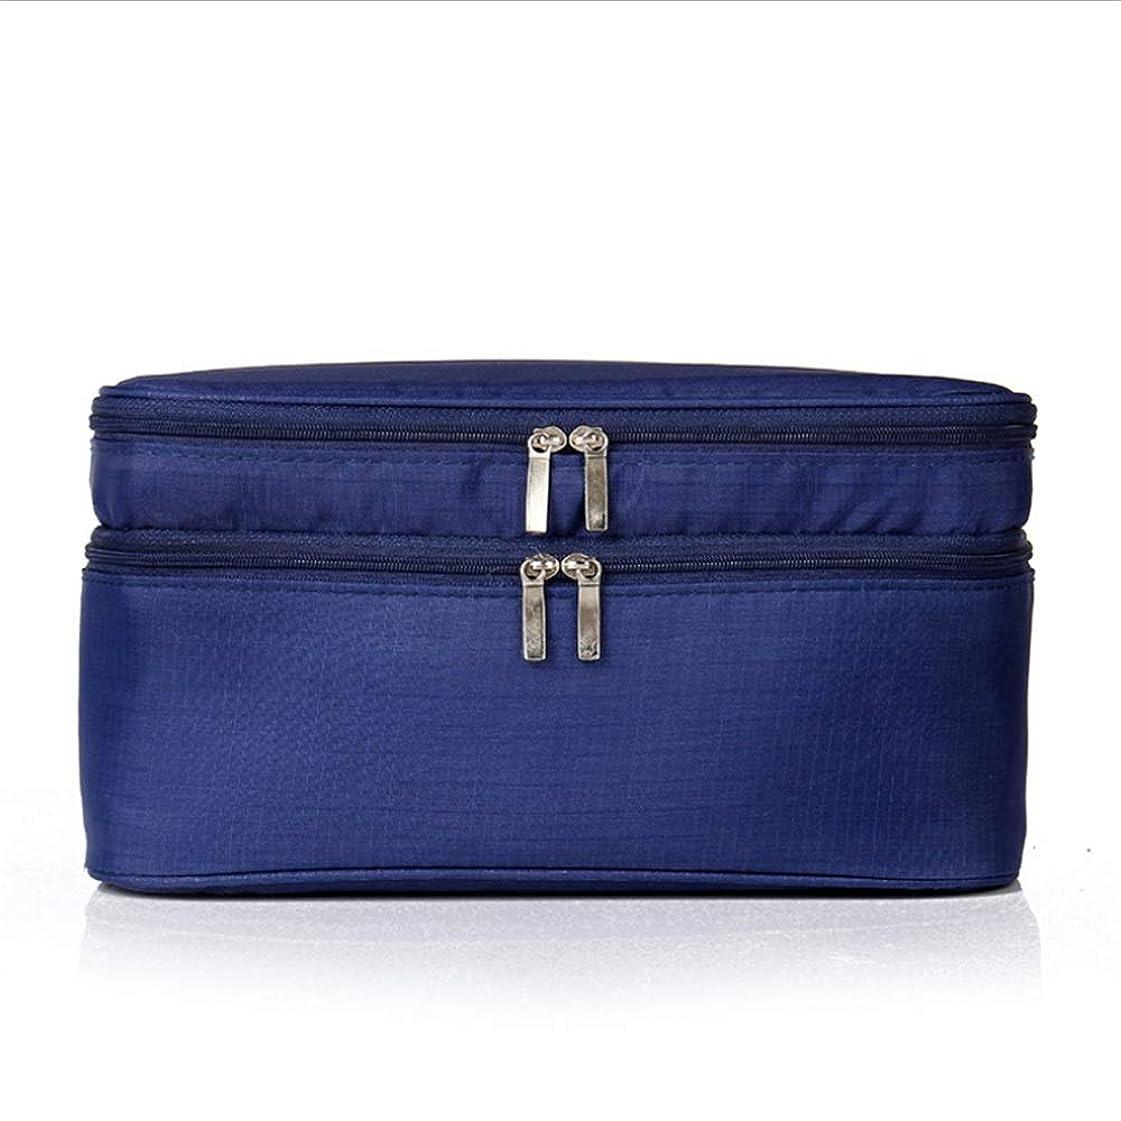 シンボルいまワーディアンケース化粧オーガナイザーバッグ トラベルブラジャー収納バッグアンダーウェアバッグ防水パーソナルファッションバッグピンク 化粧品ケース (色 : 青)